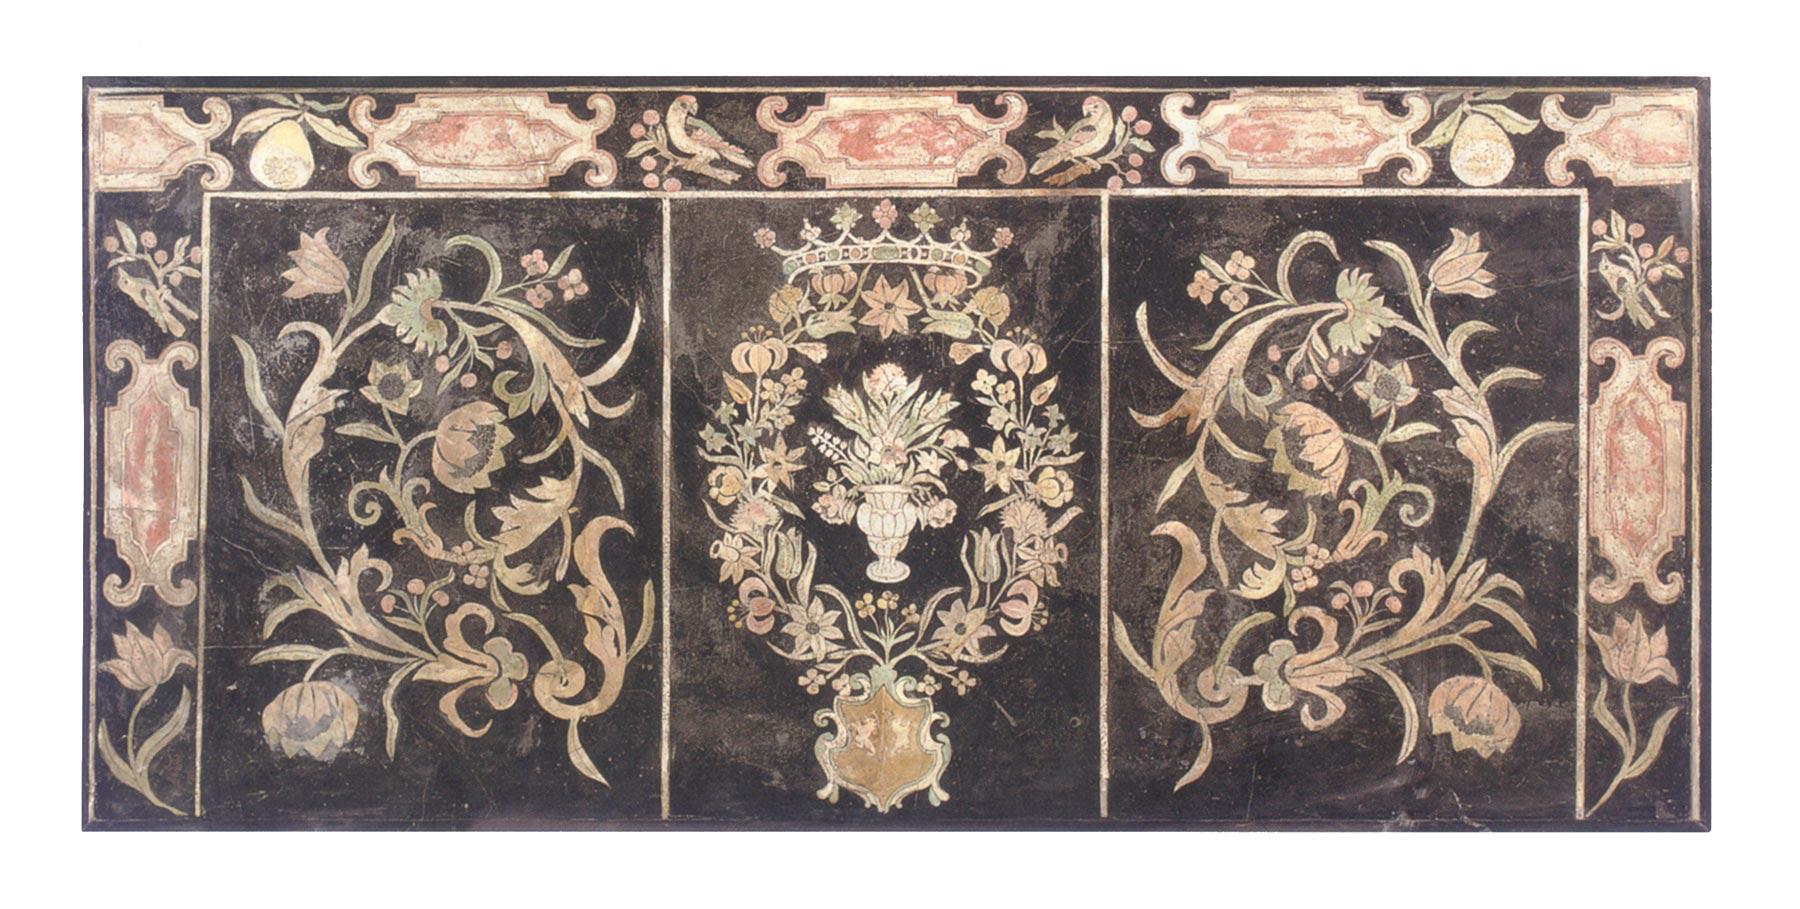 italian baroque period scagliola panel